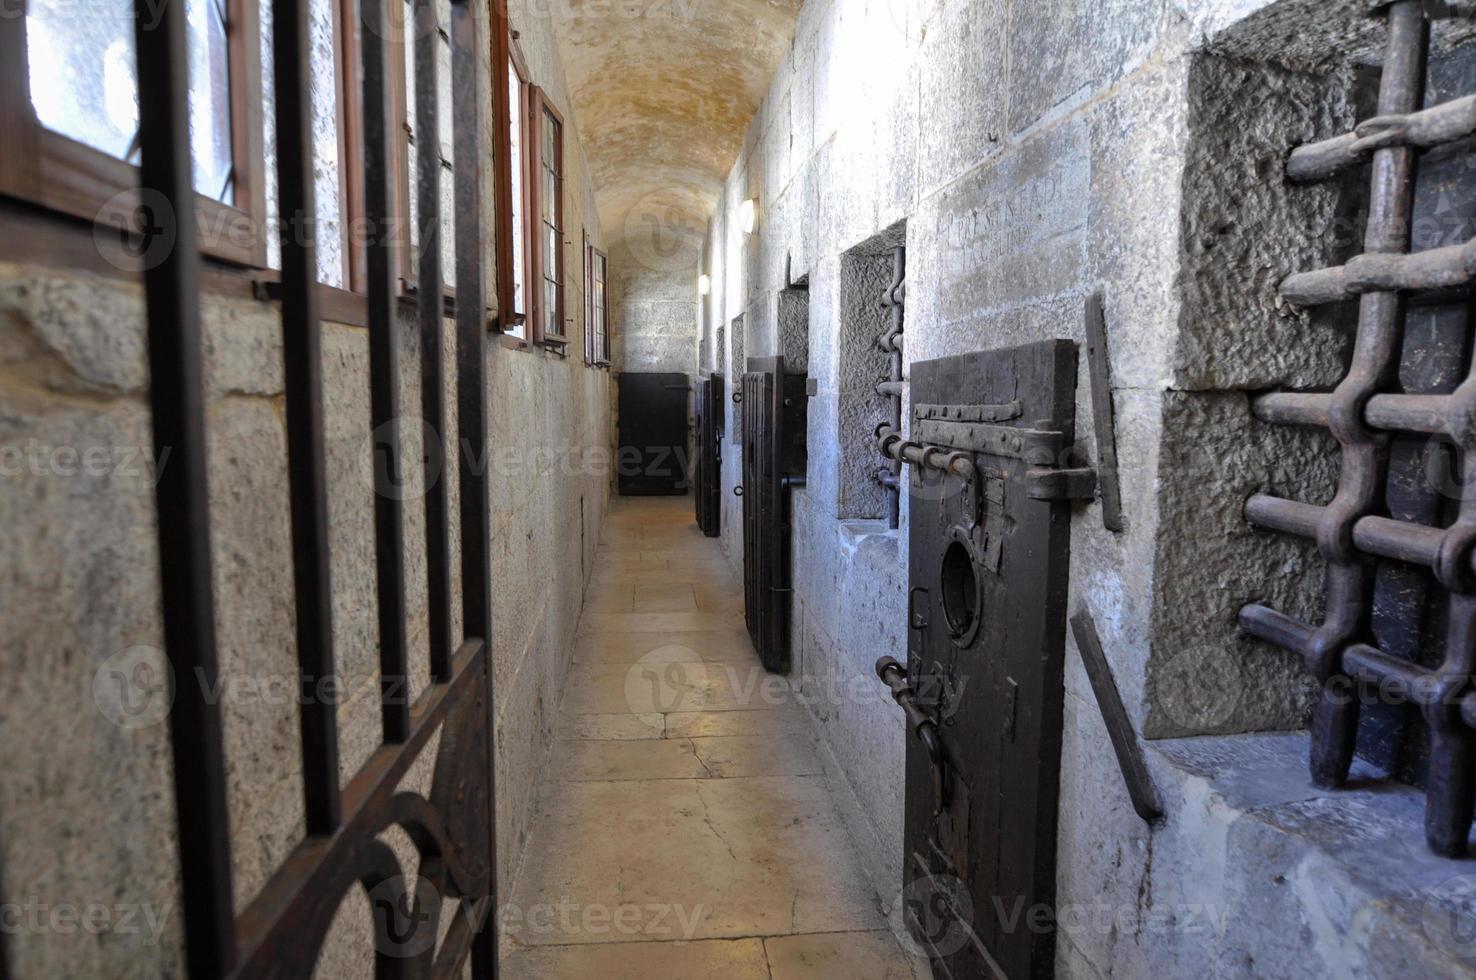 Venice - medieval presion locked door photo